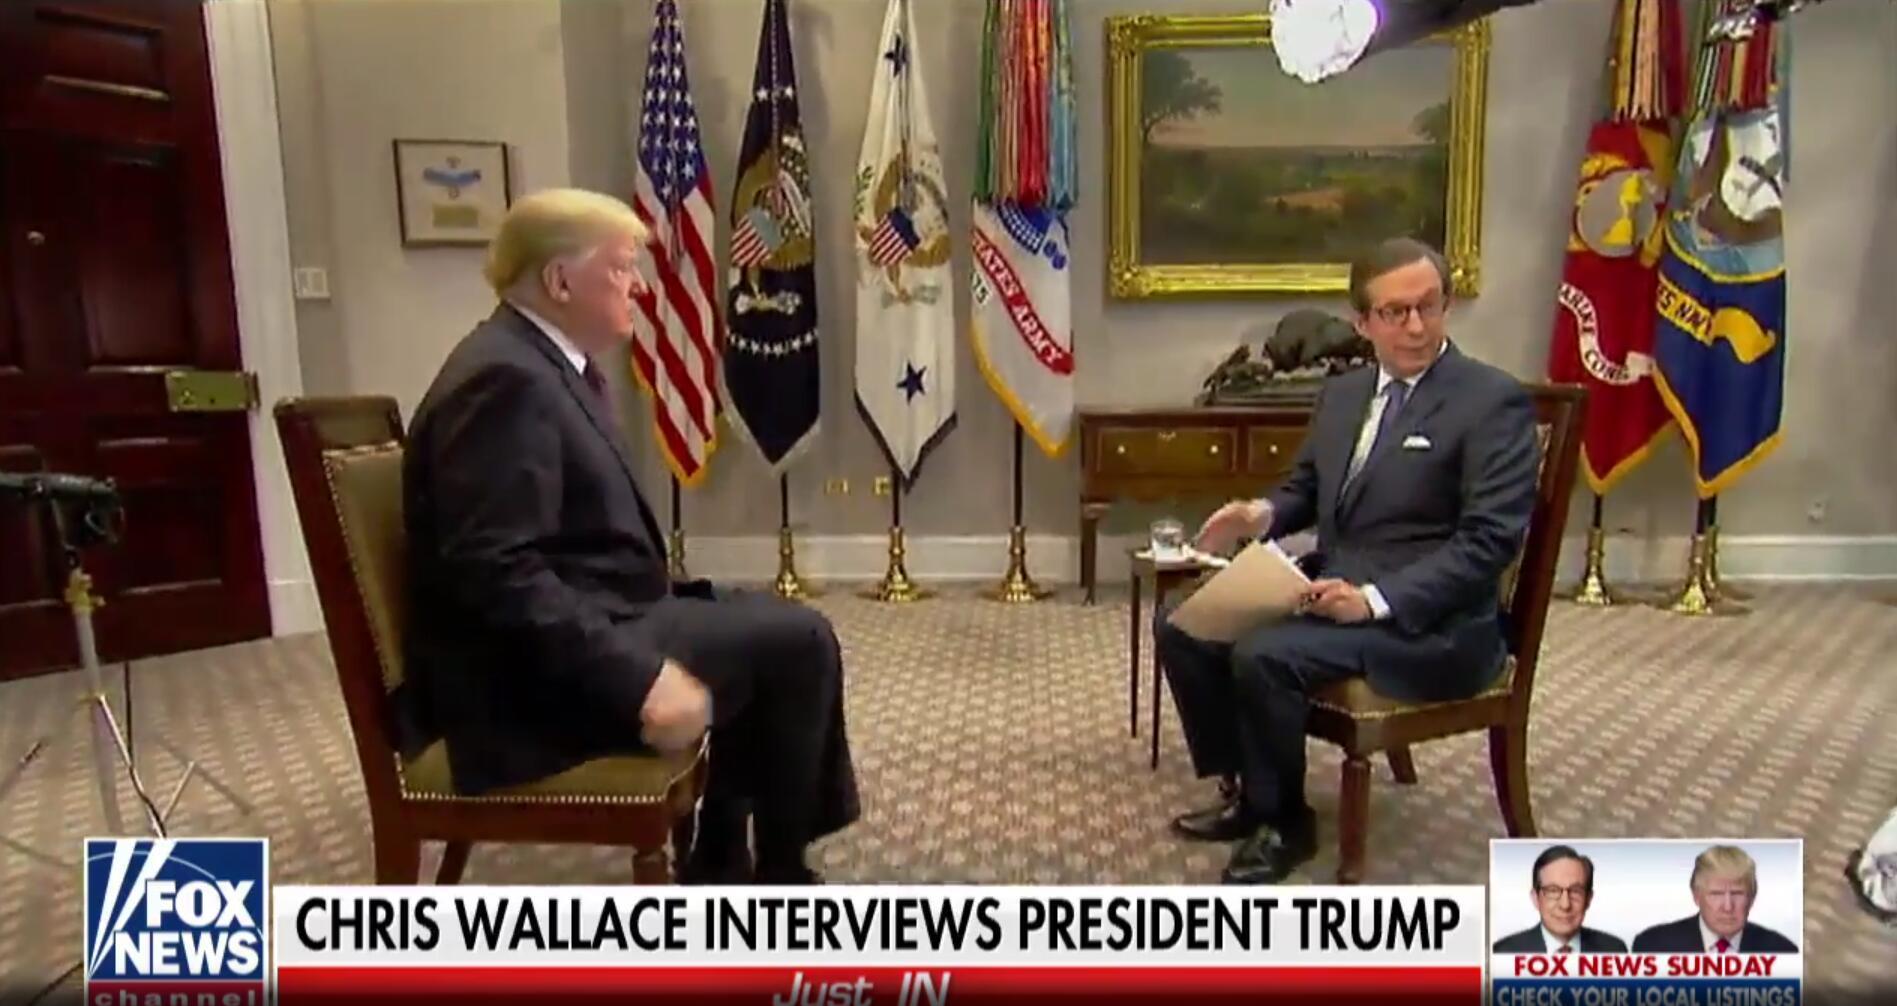 CNN记者重获白宫通行证,特朗普也没示弱:再不规矩,就把他踢出去